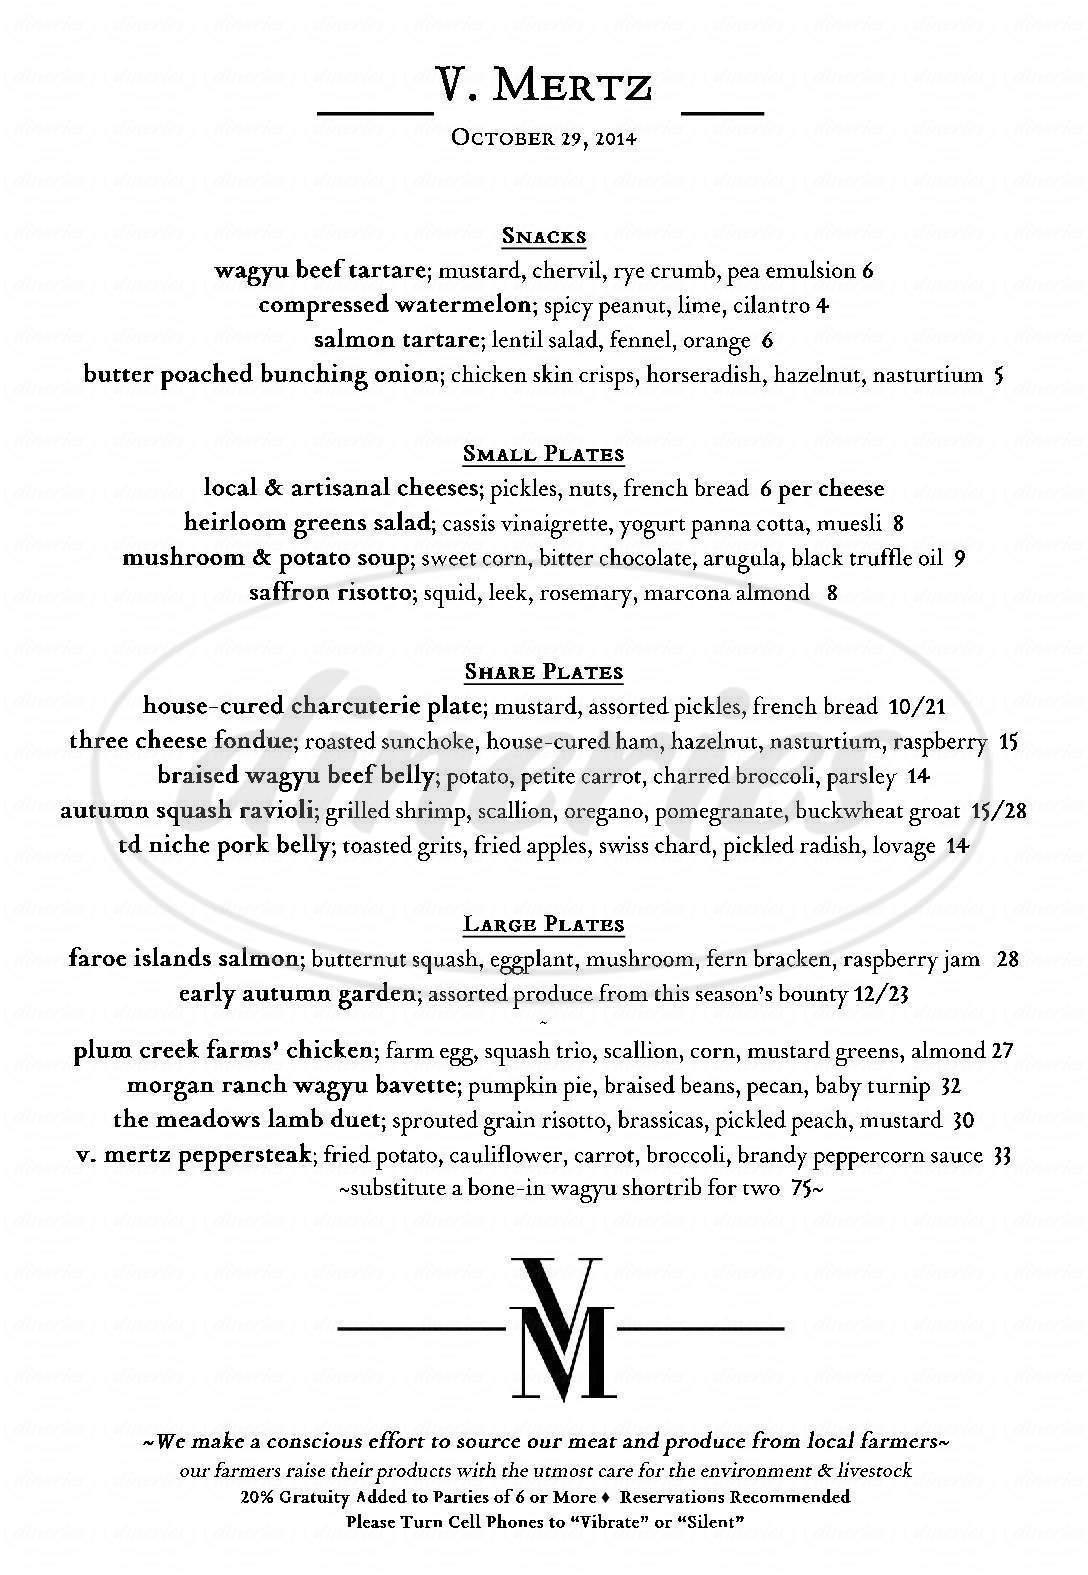 menu for V Mertz